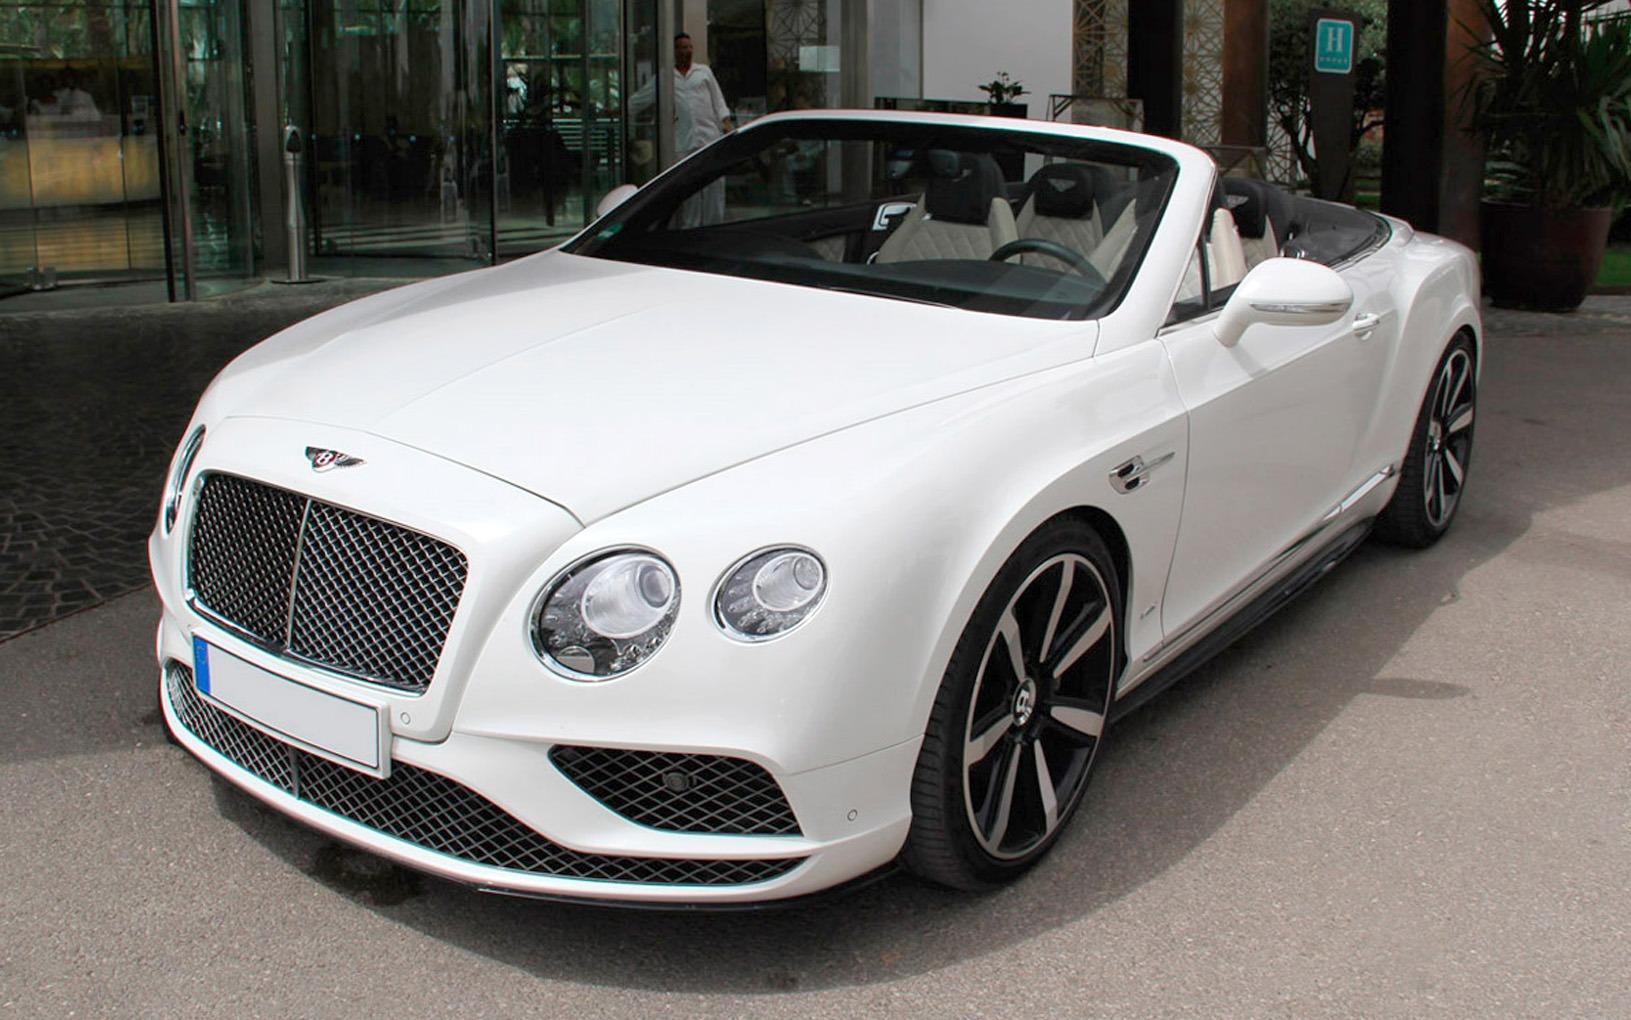 Bentley Continental GTC V8 S 529CV